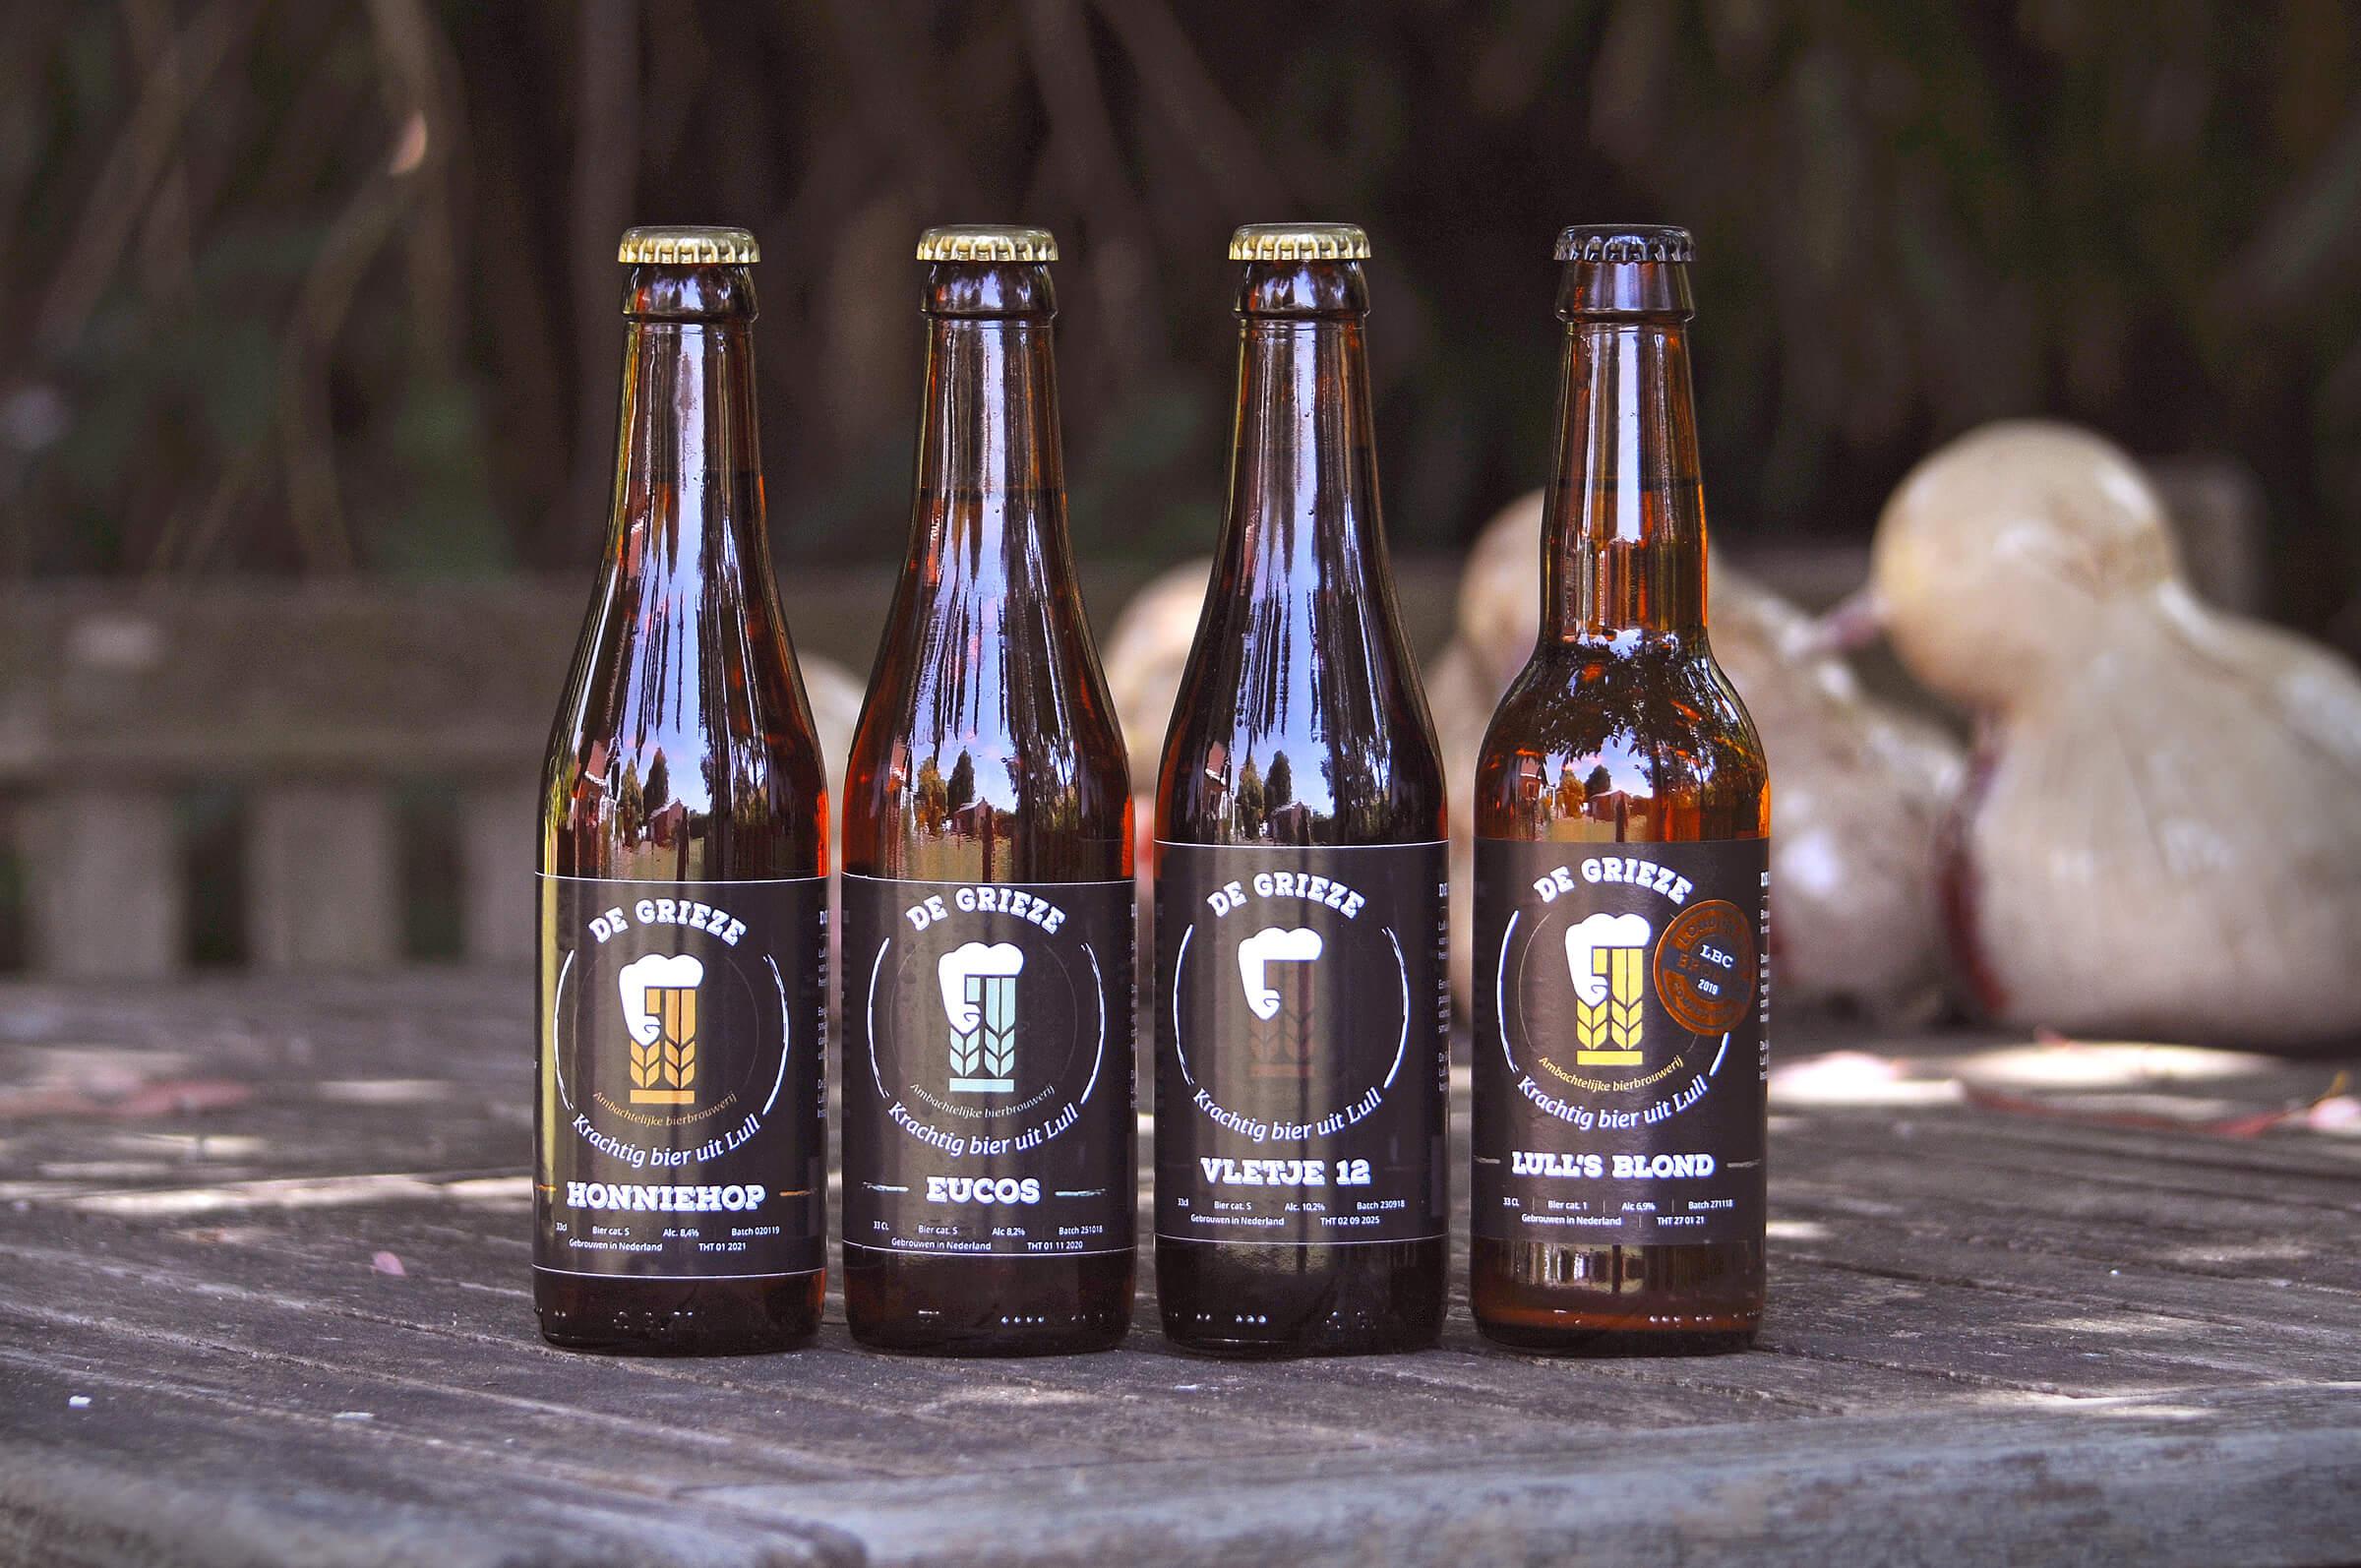 Brouwerij De Grieze rijtje